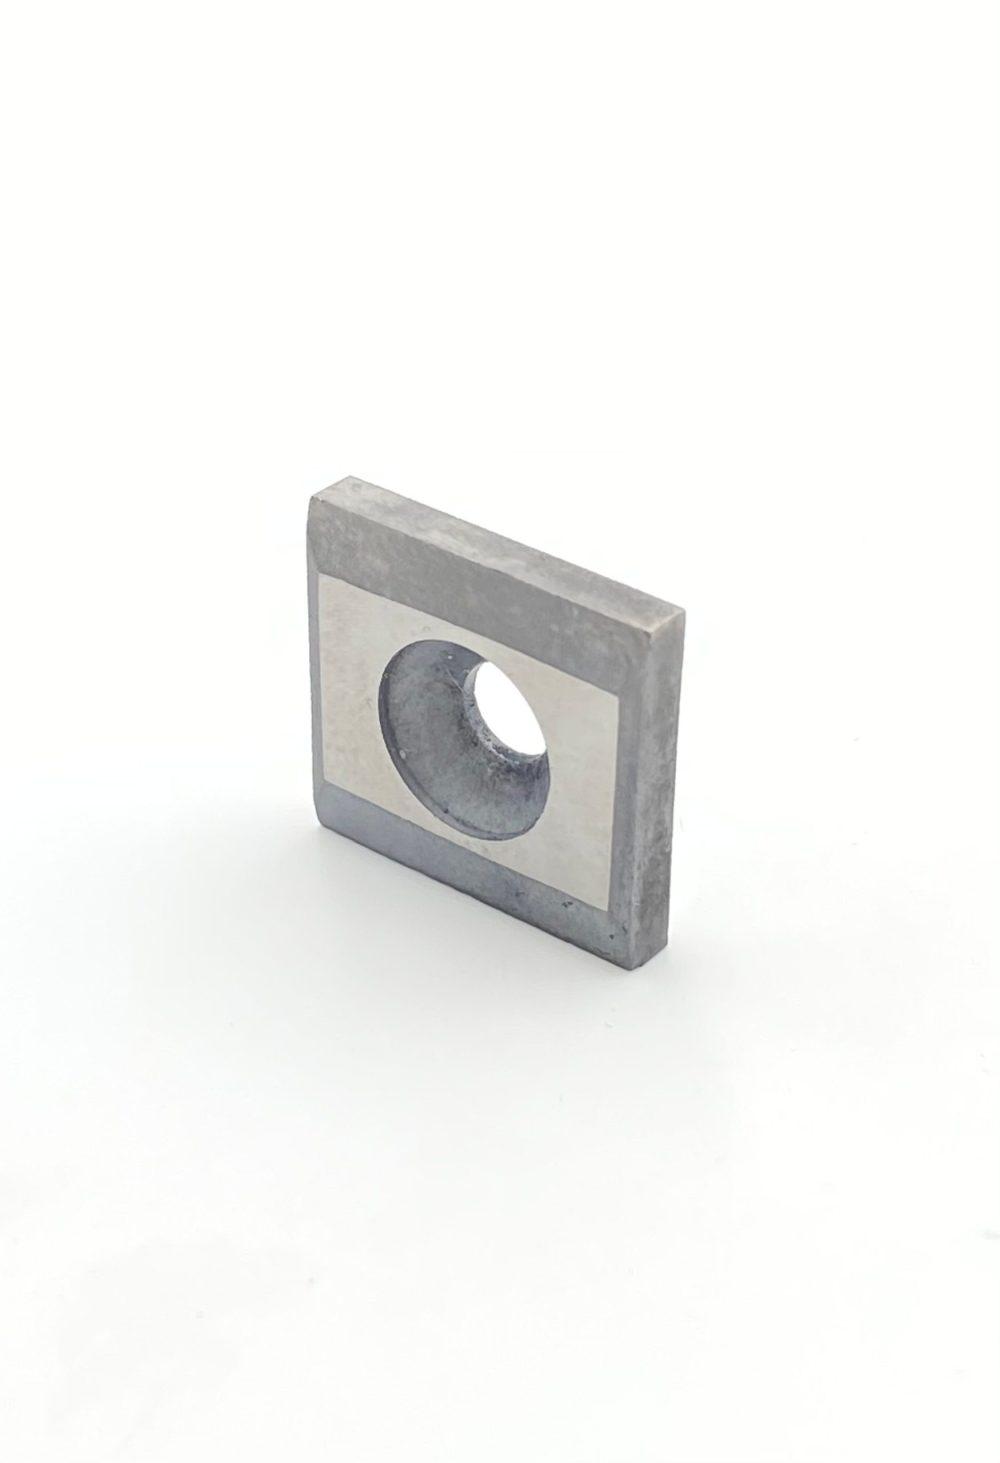 Carbide Blade Guide - Pic 2